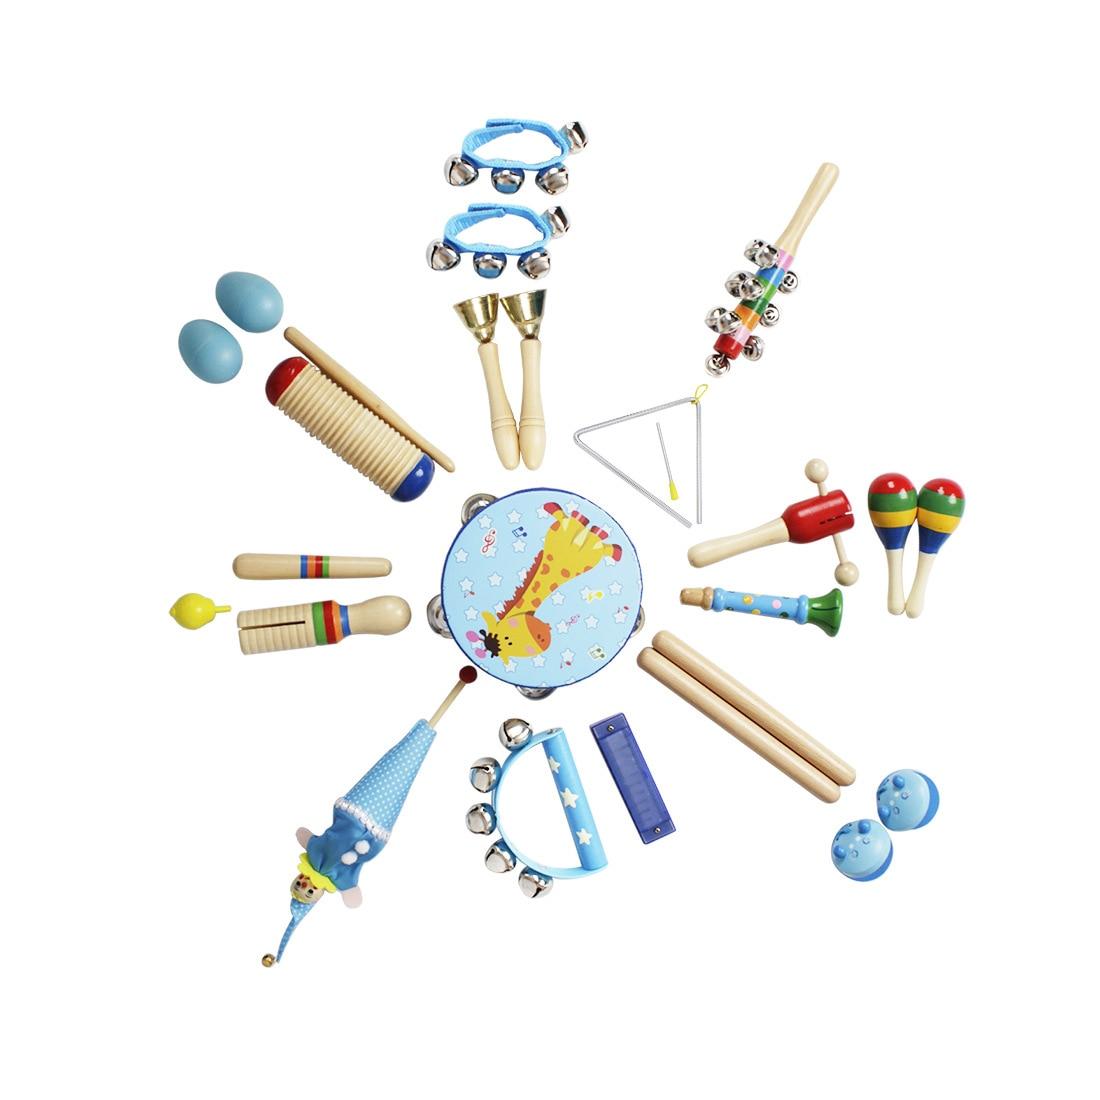 23 pièces éducation Instruments de musique jouets ensemble pour enfants jouant l'apprentissage de la musique intérêt Develpoment Kits